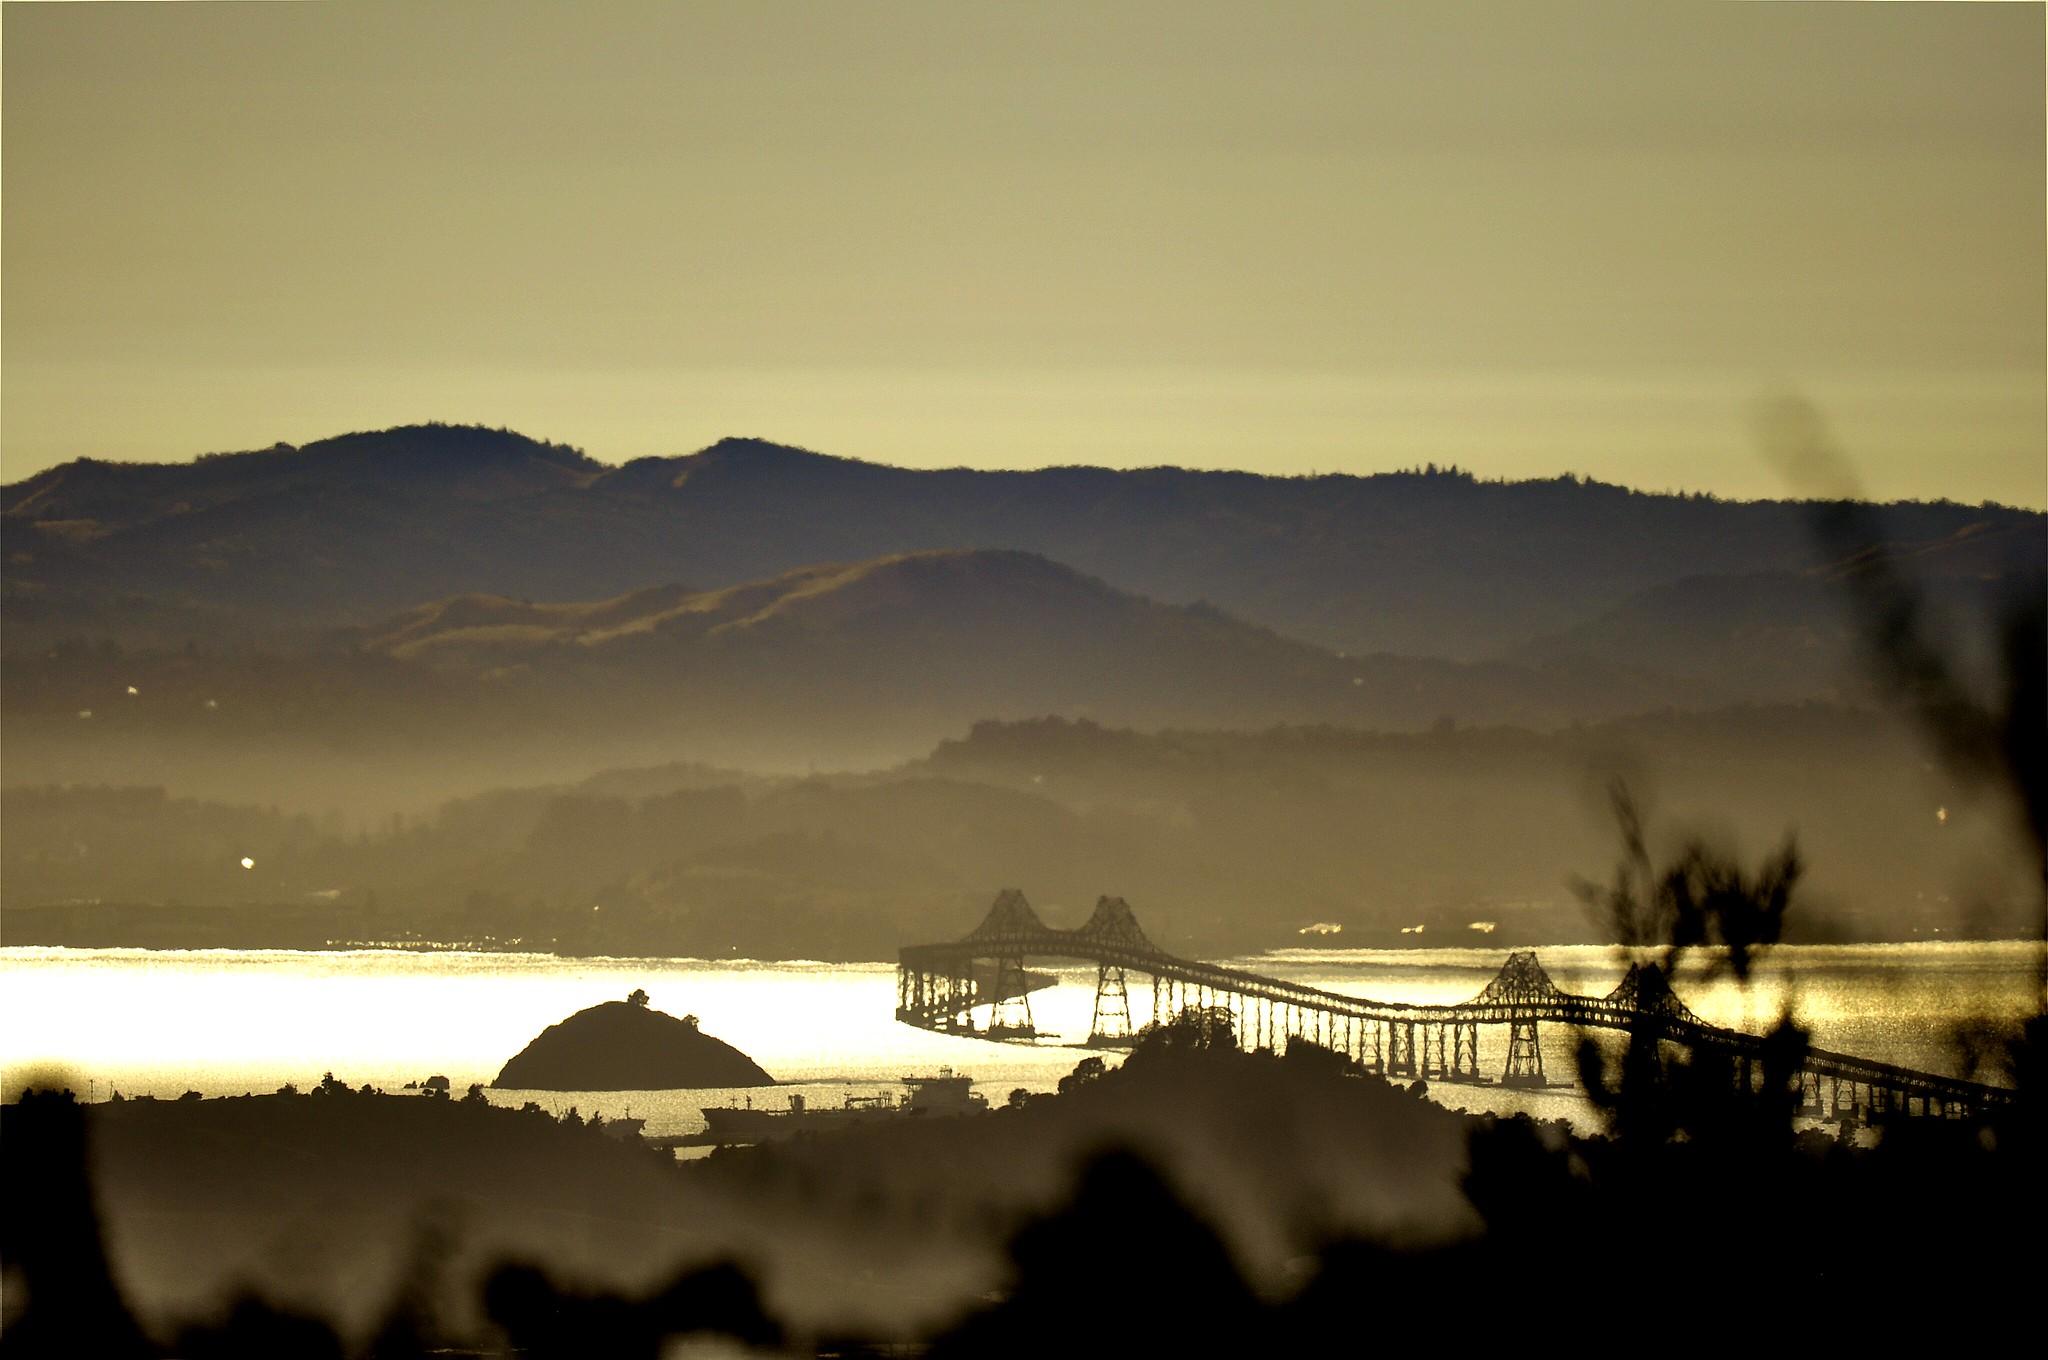 Richmond Bridge as seen from the Berkeley Hills.